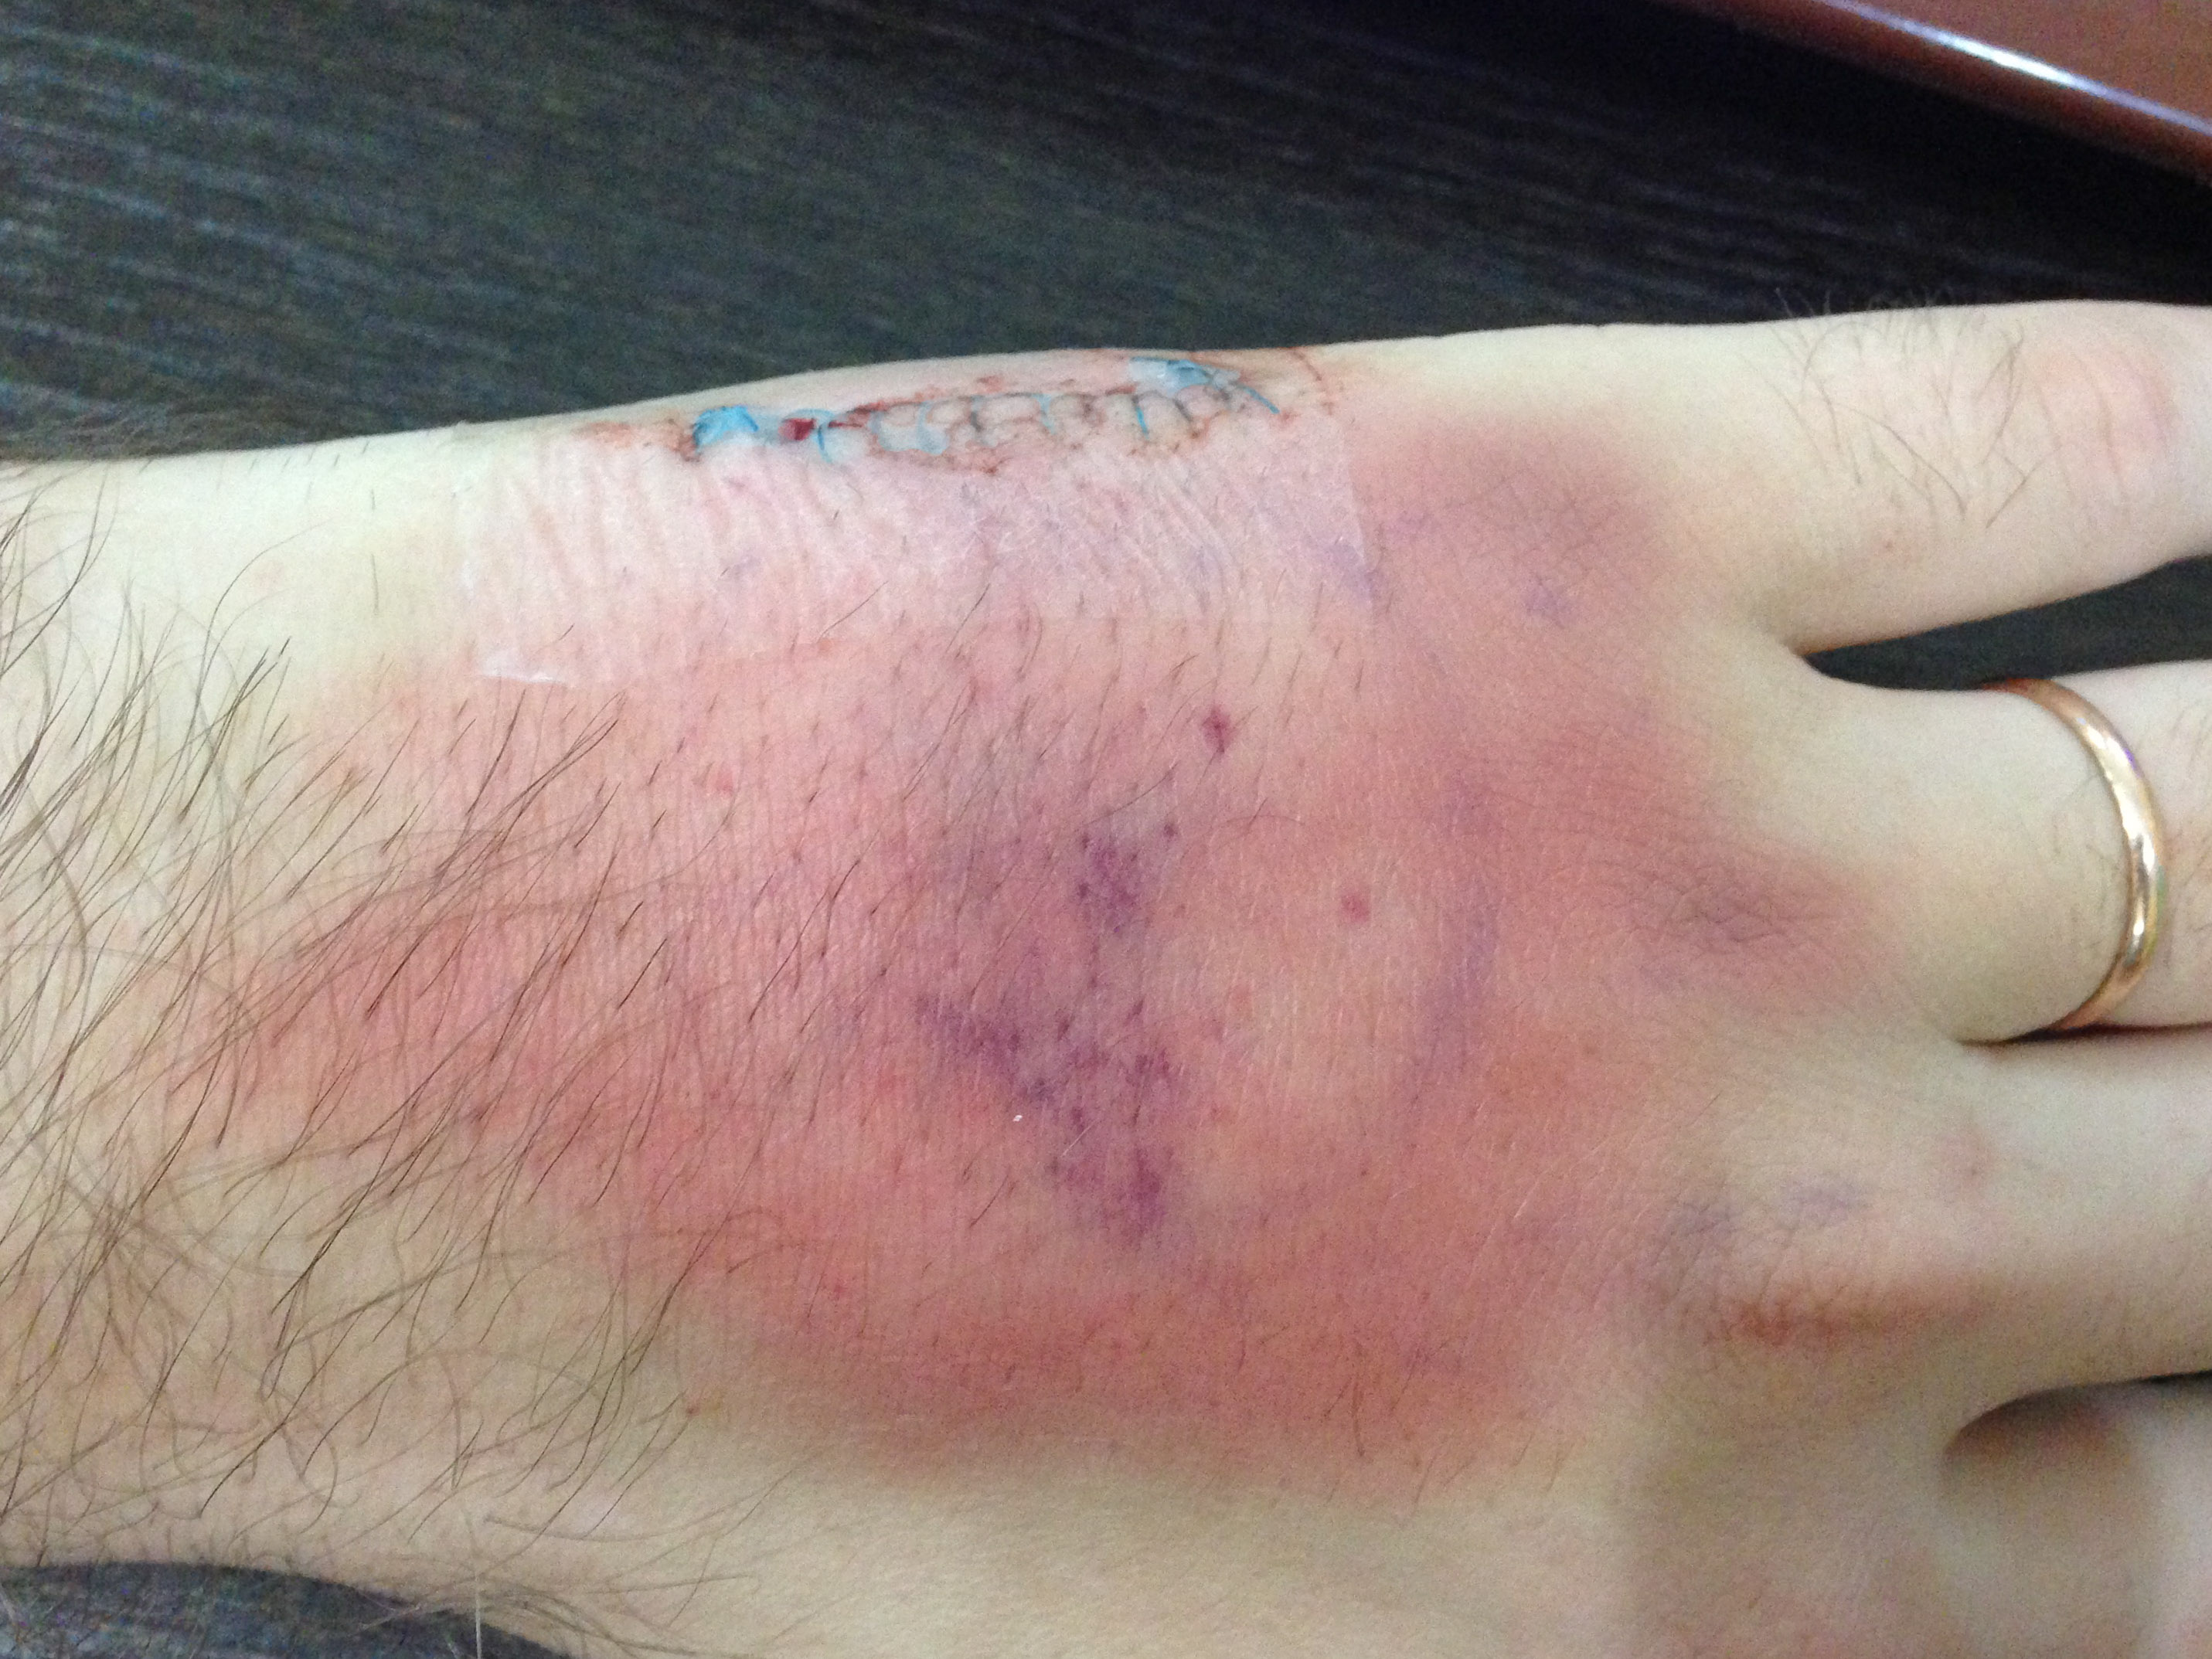 На следующий день рука выглядела не очень хорошо, несмотря на прием препаратов